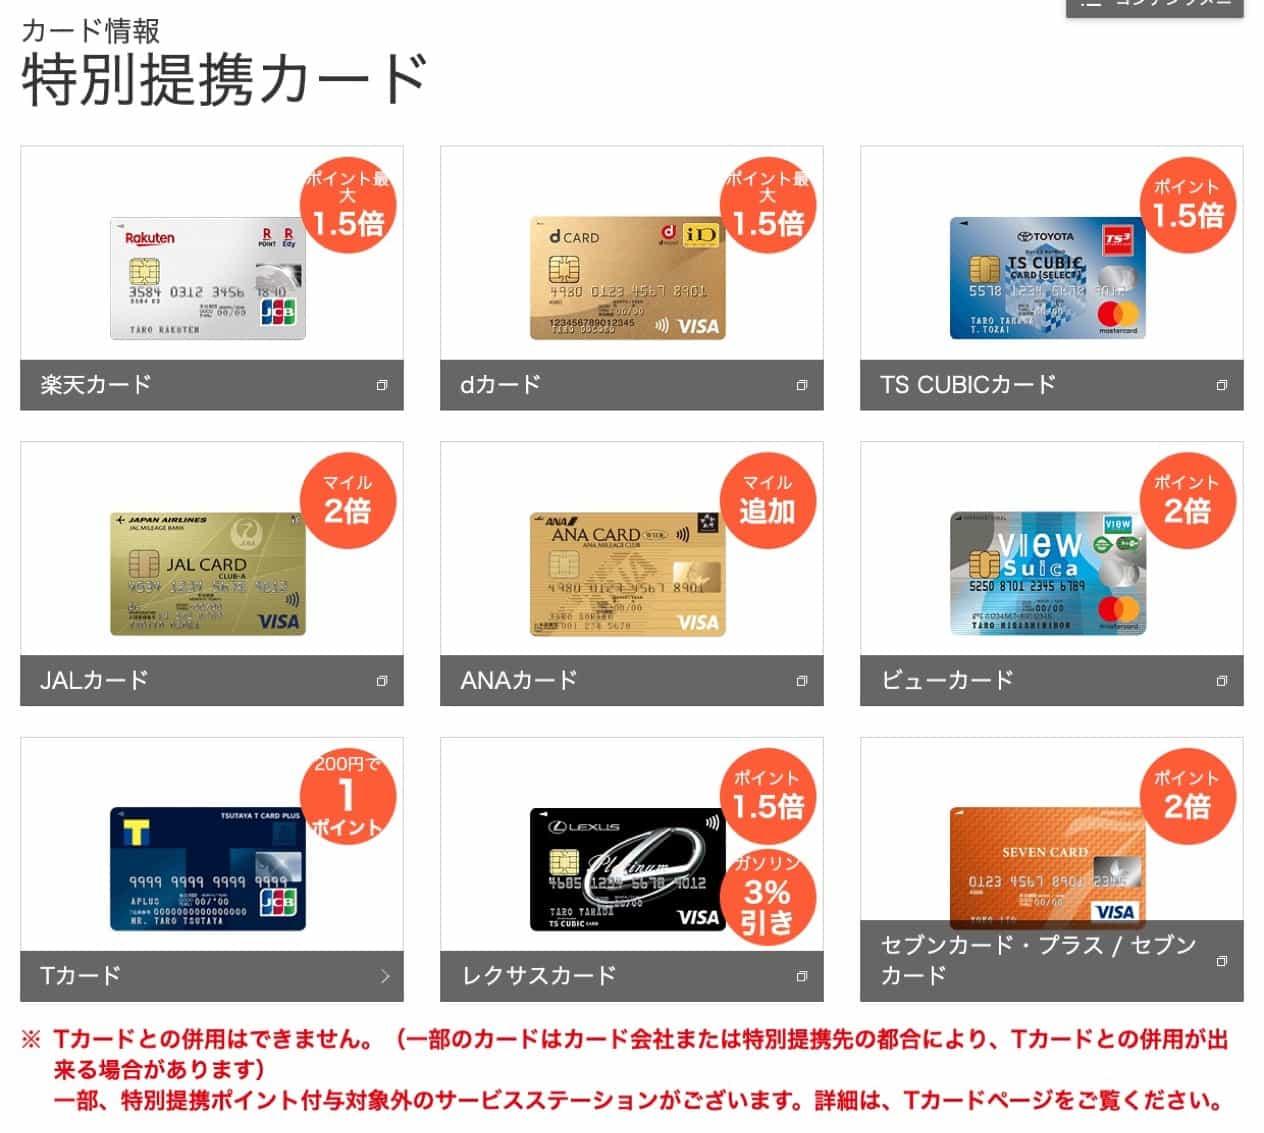 エネオス特別提携クレジットカード